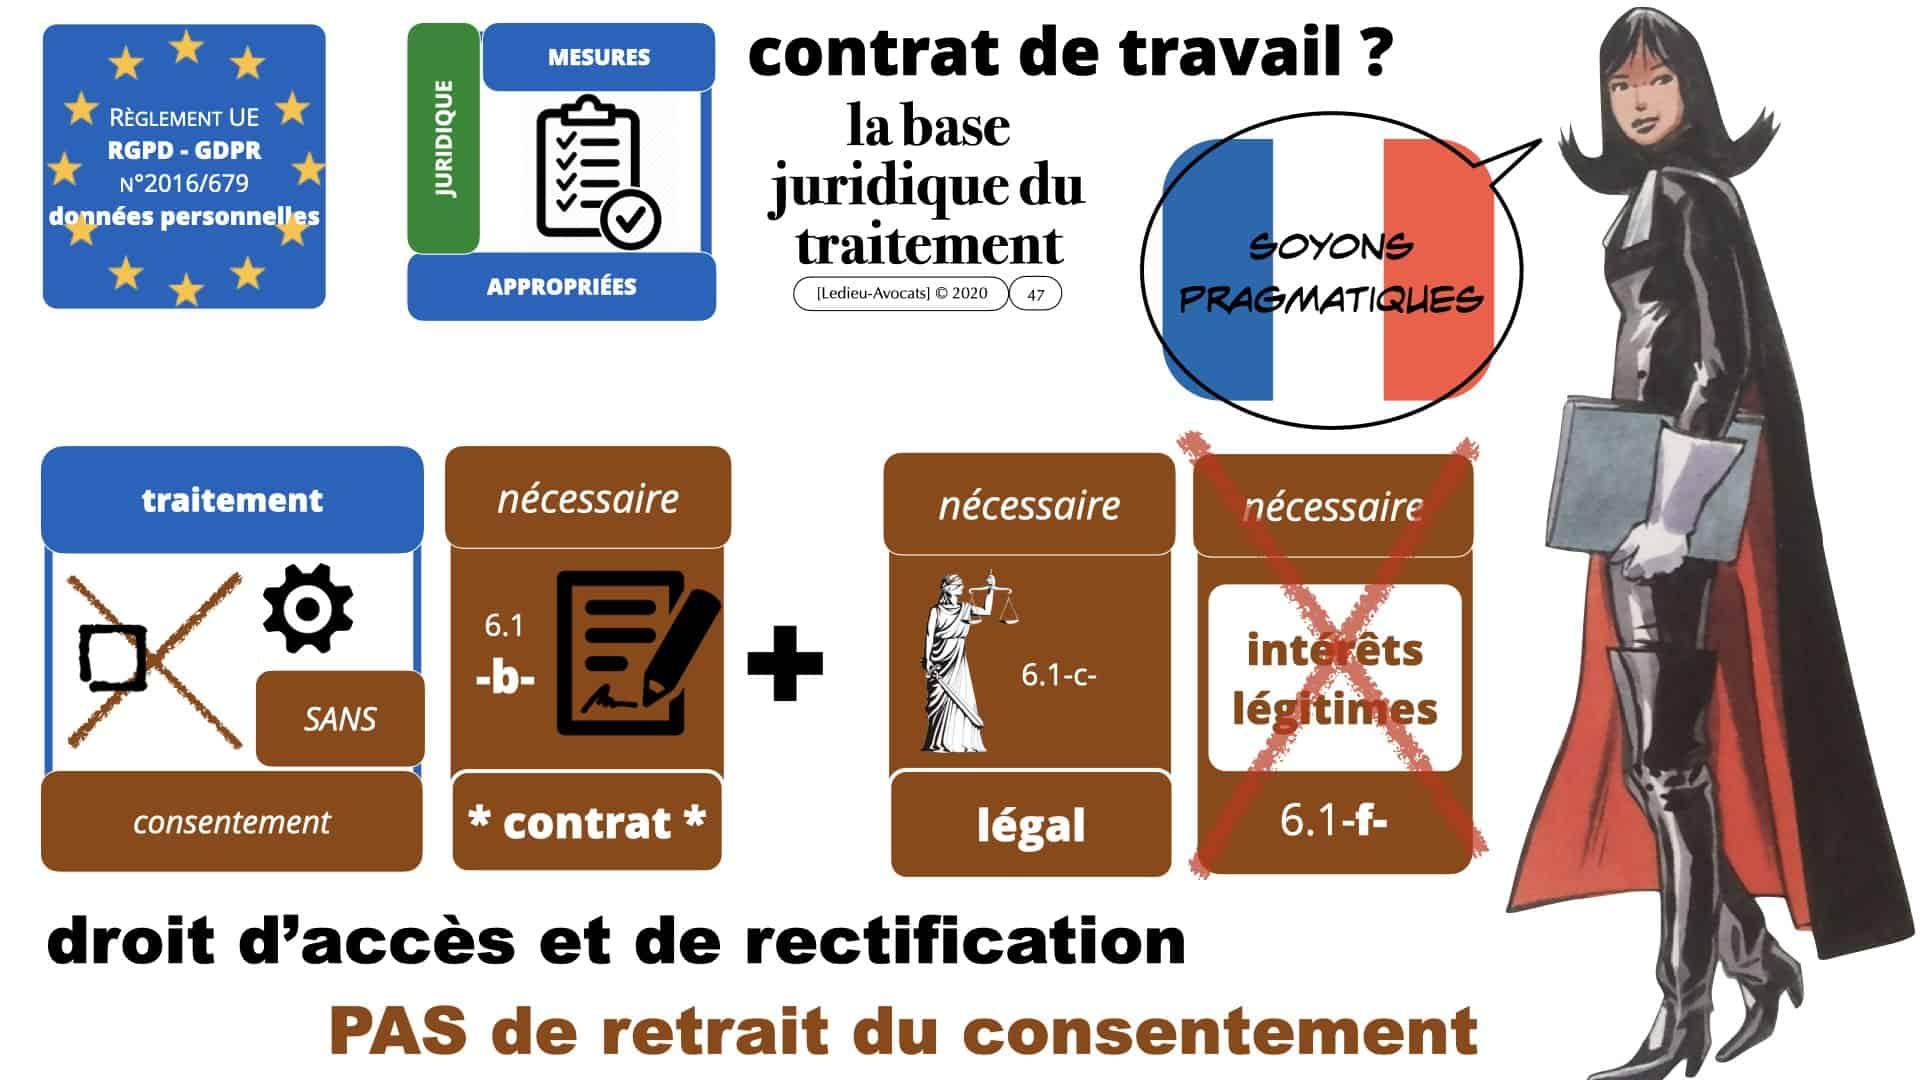 RGPD délibération CNIL Spartoo du 28 juillet 2020 n°SAN 2020-003 *16:9* ©Ledieu-Avocats 19-09-2020.047